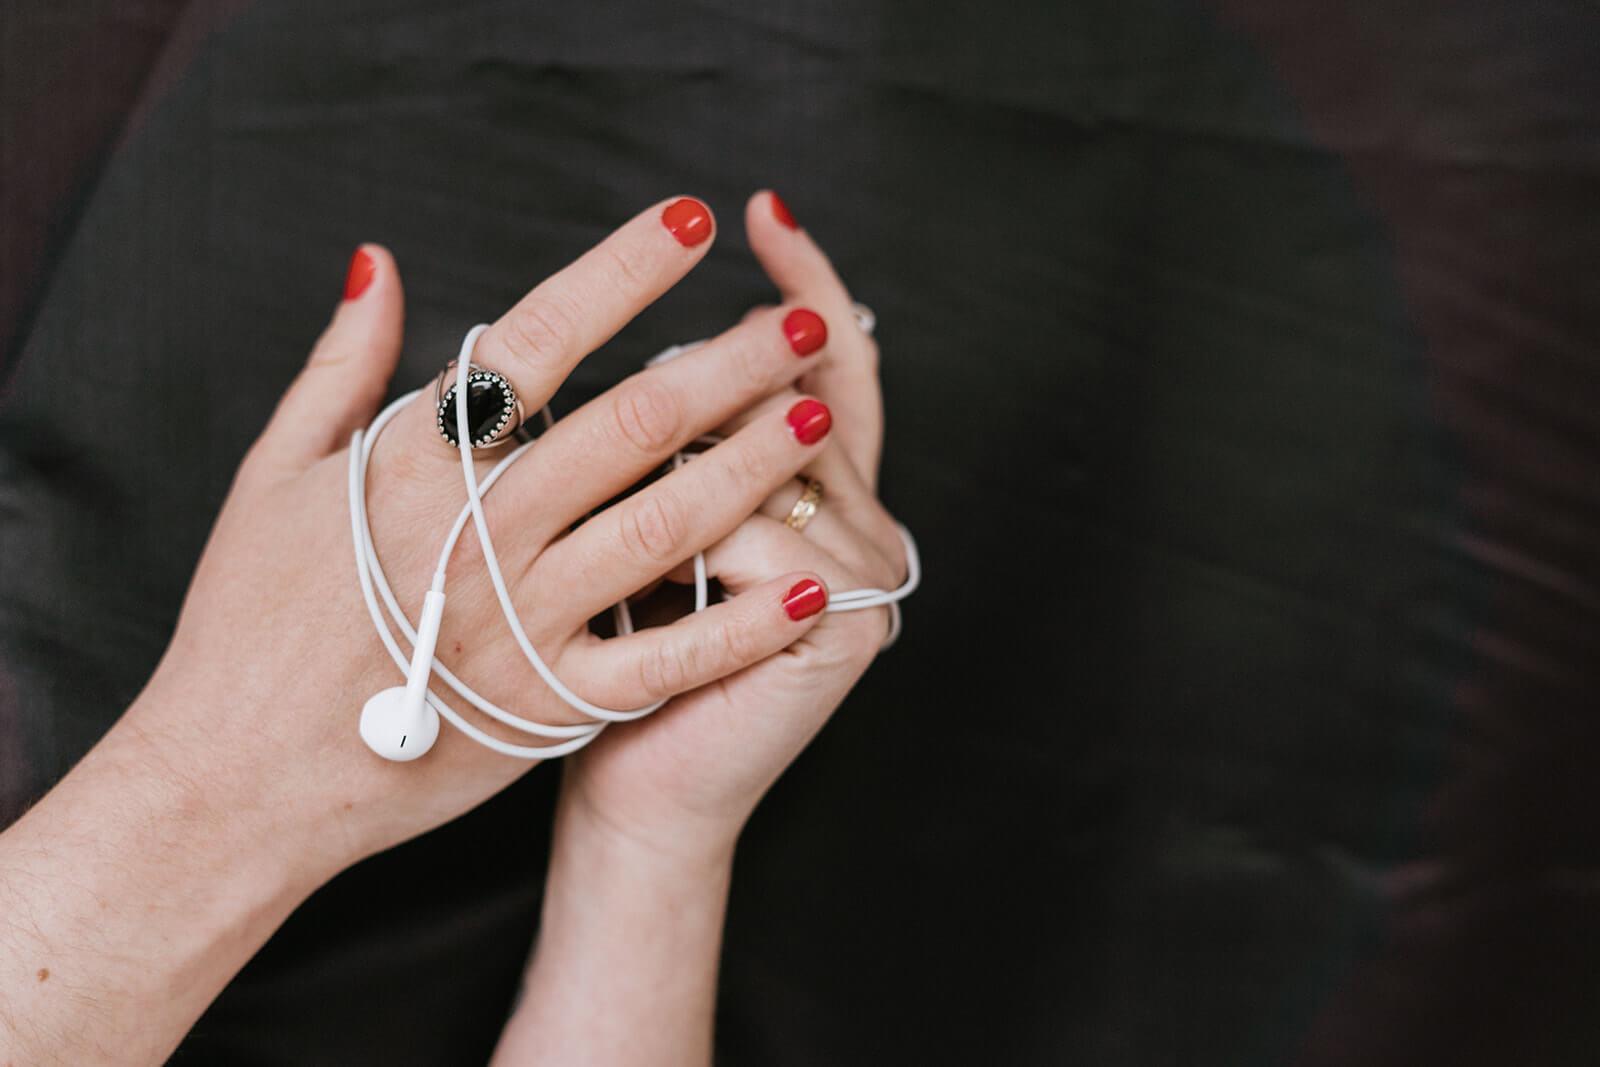 Laura-Calascibetta-graphic-designer-Genova-chi-sono-foto-mani